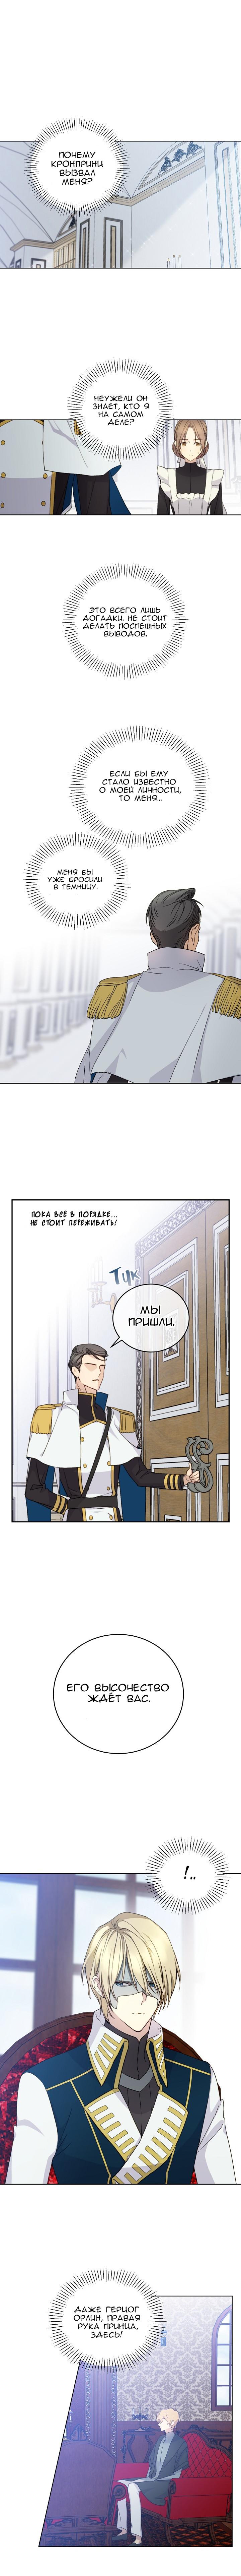 Манга Способная горничная / Capable maid  - Том 1 Глава 8 Страница 1